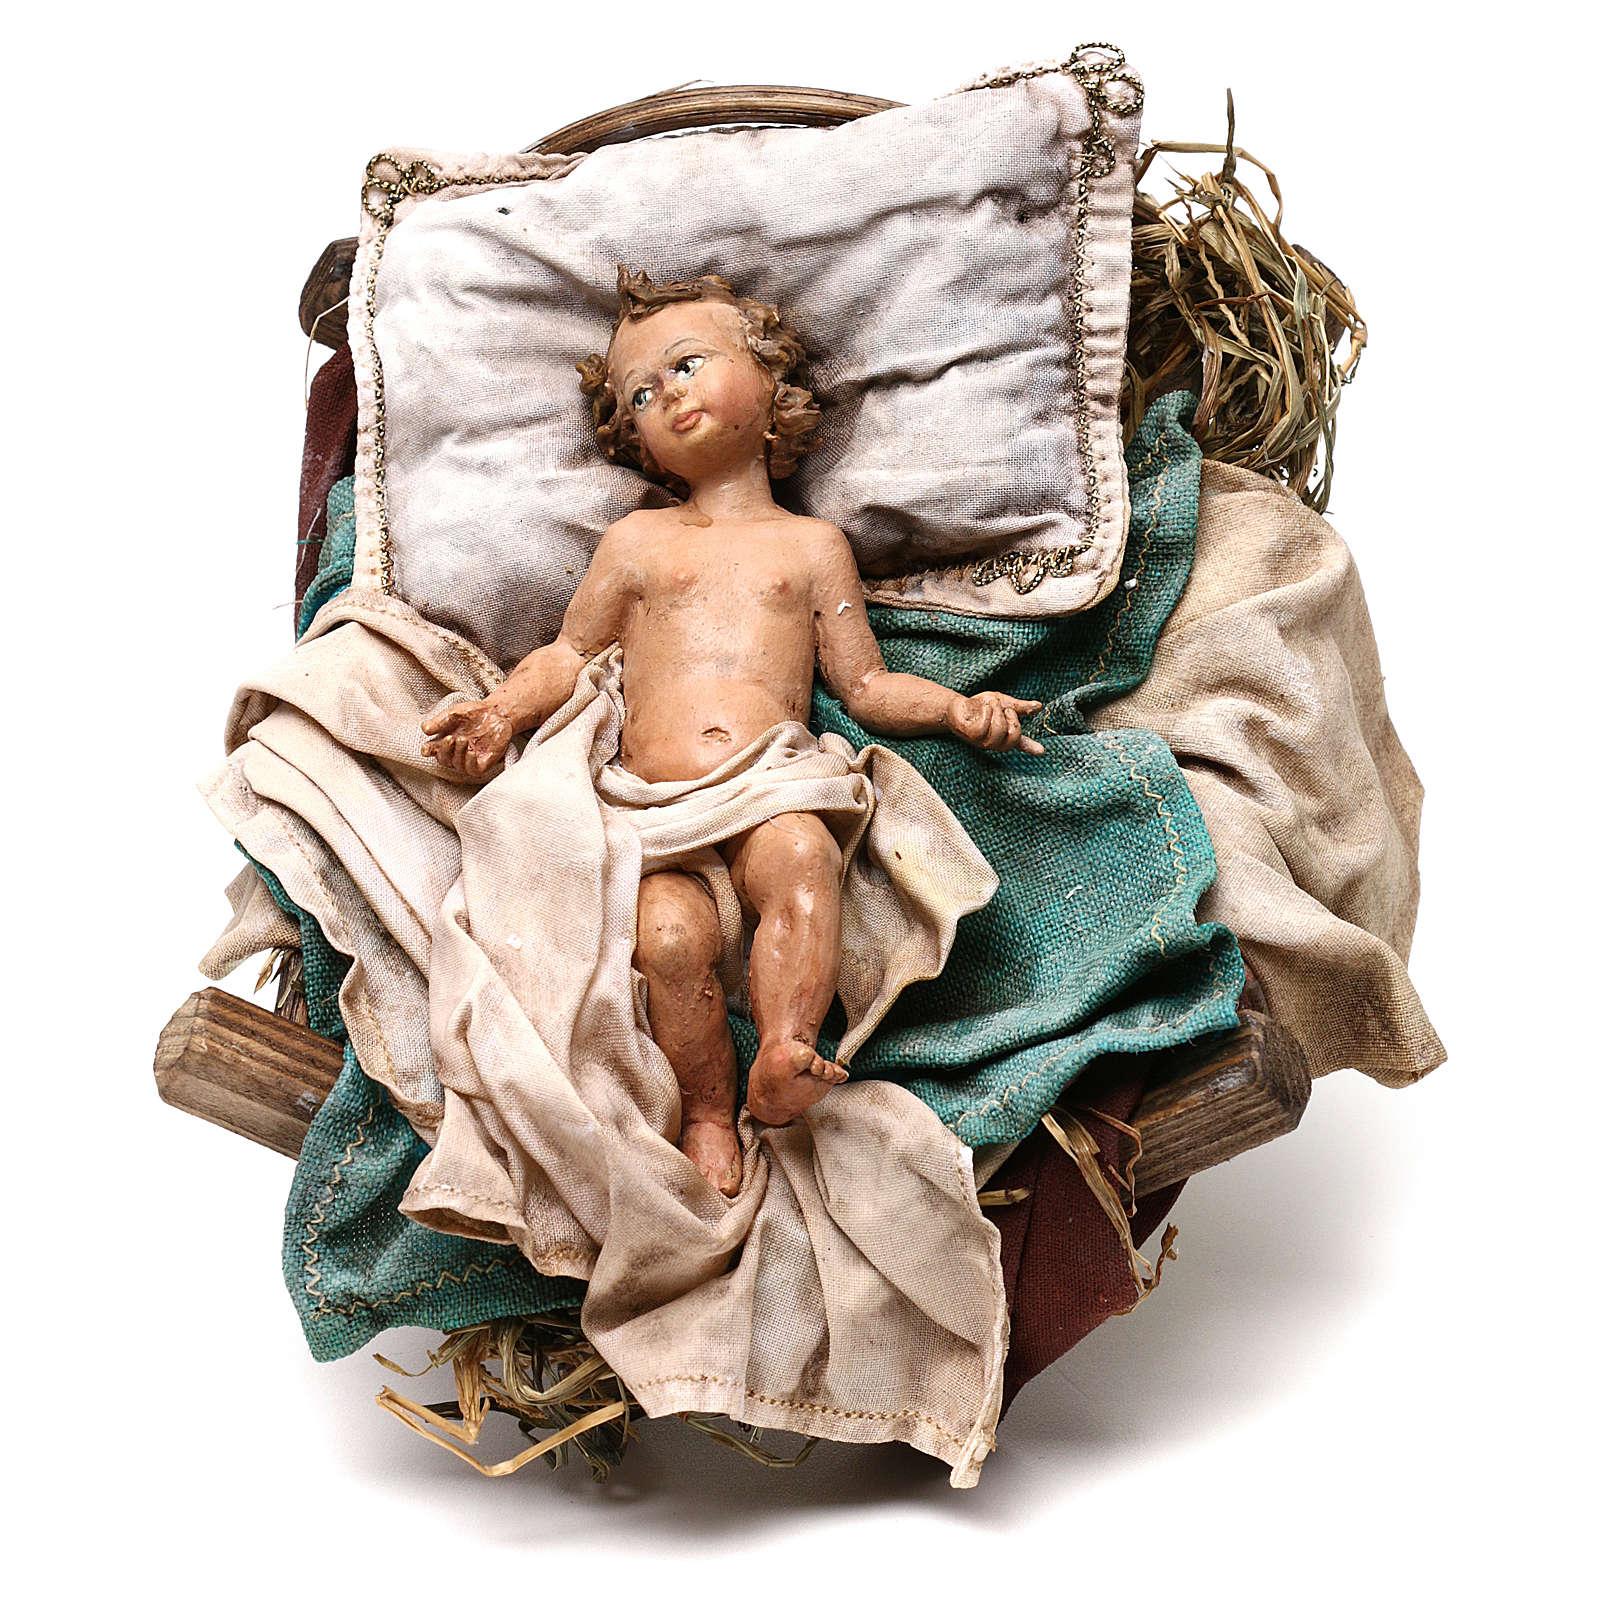 Nativité terre cuite Angela Tripi 30 cm 4